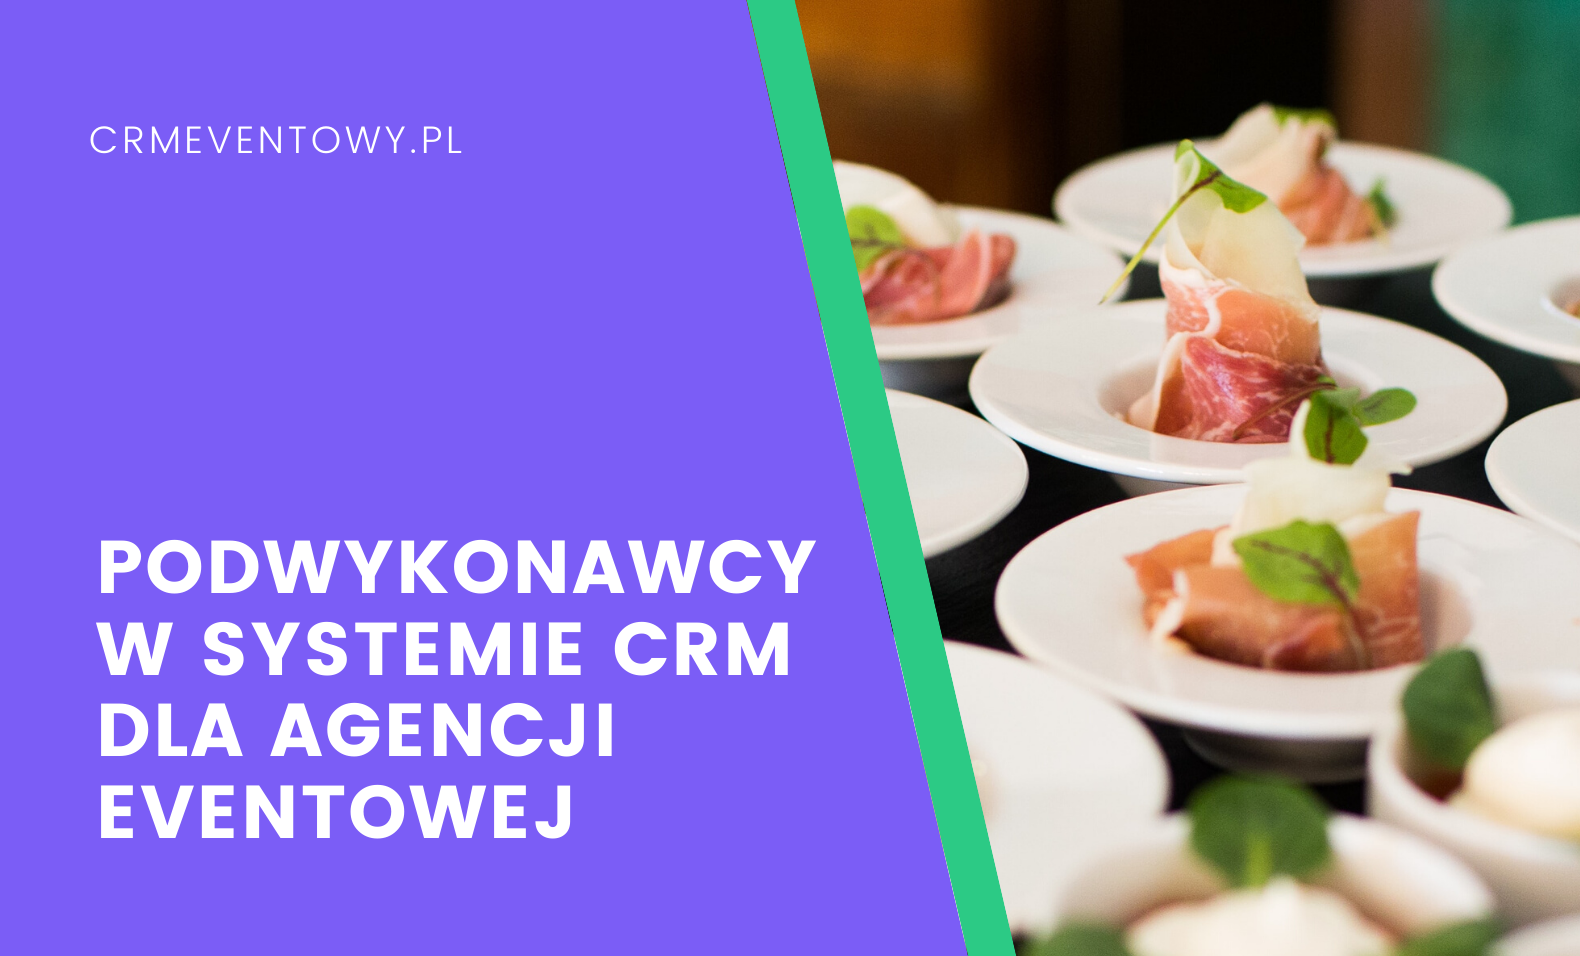 Podwykonawcy w systemie CRM dla agencji eventowej